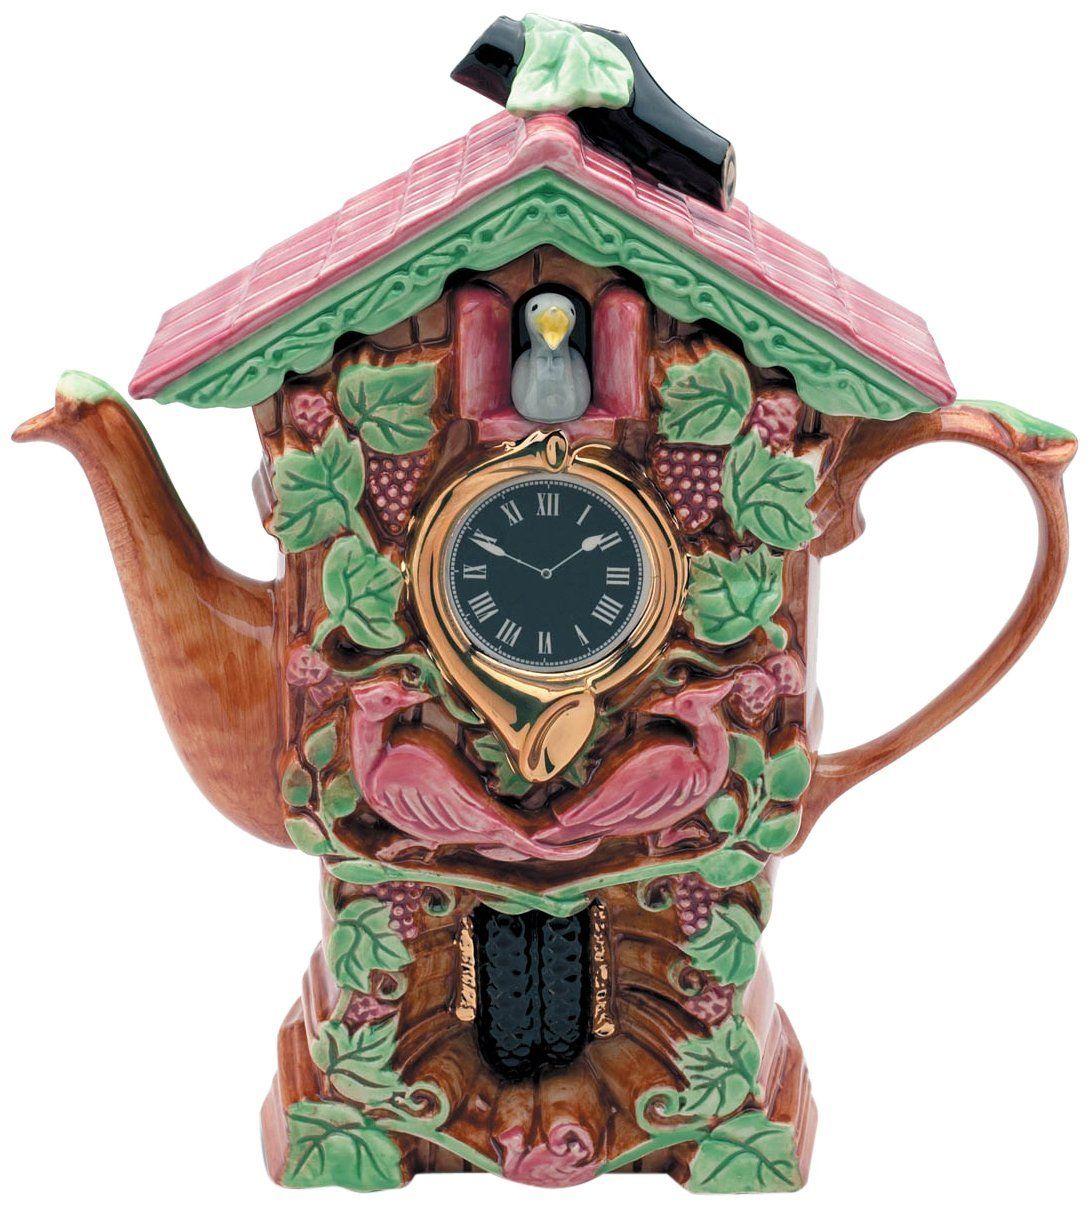 The Teapottery 1 Piece Large Ceramic Cuckoo Clock Teapot Brown Amazon Co Uk Kitchen Home Teapots Unique Tea Pots Tea Pot Set